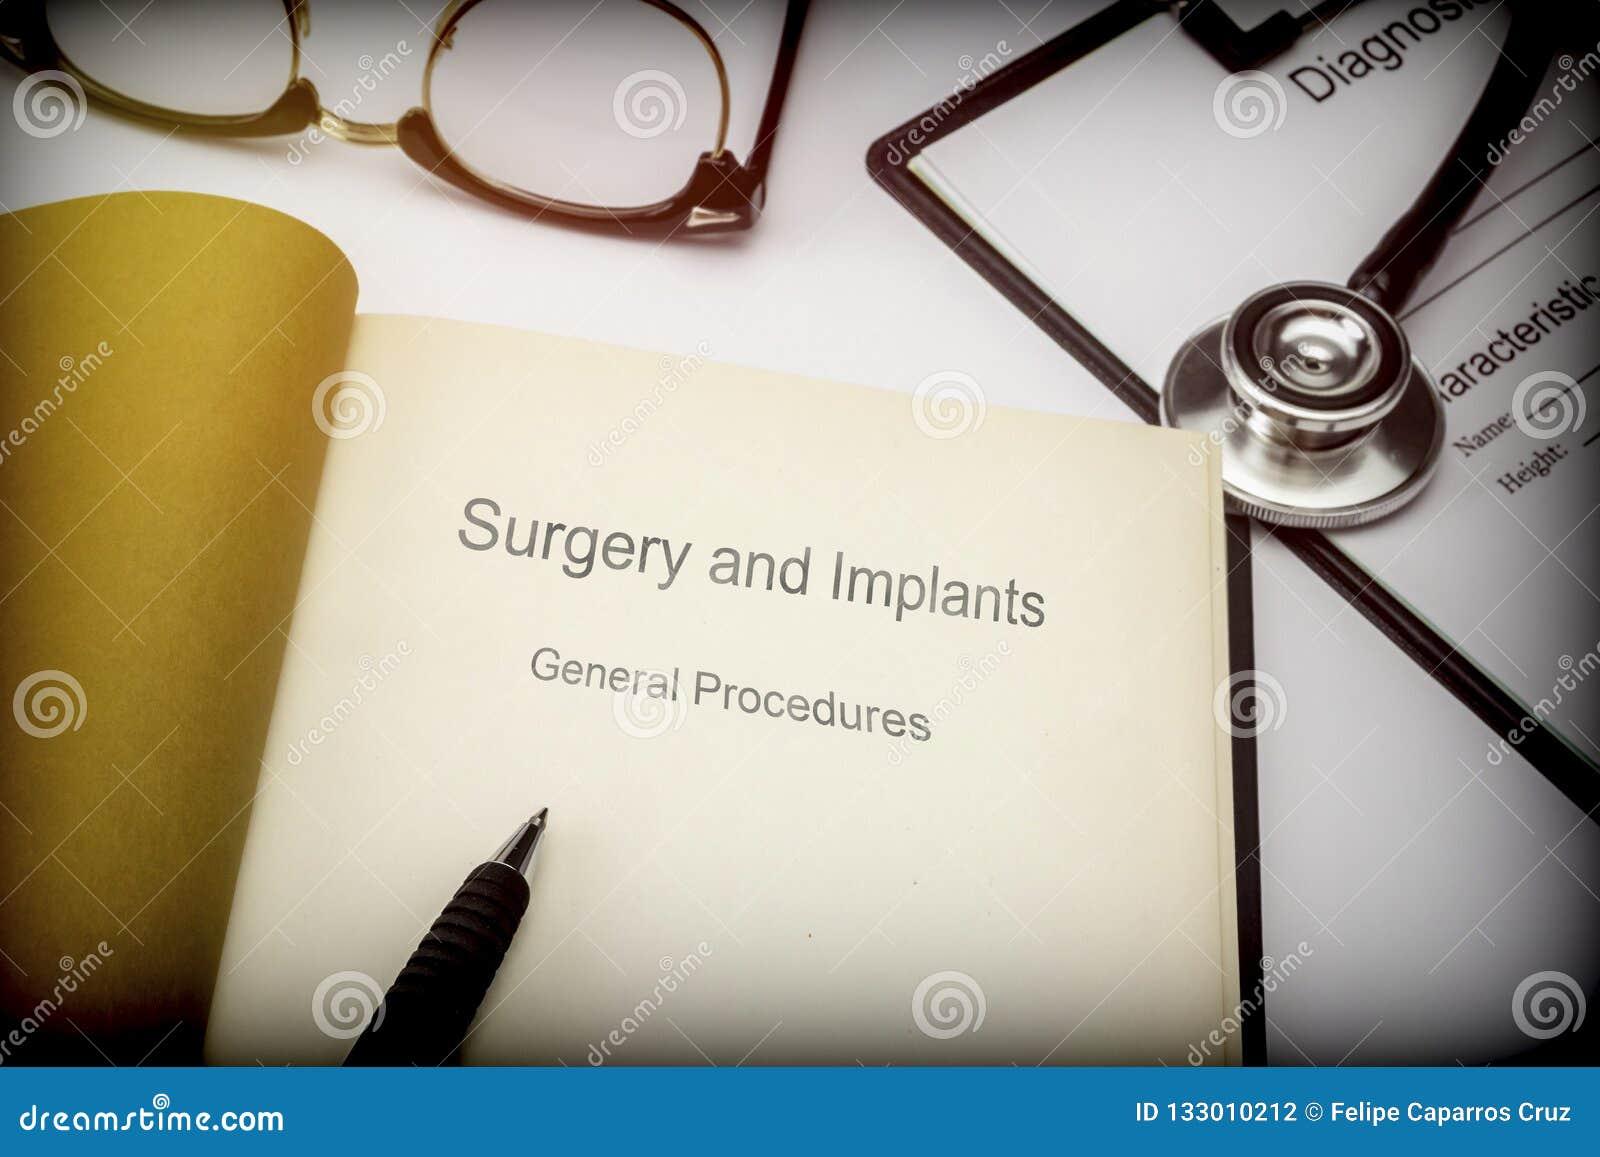 Озаглавил хирургию книги и имплантирует общие процедуры вместе с медицинским оборудованием